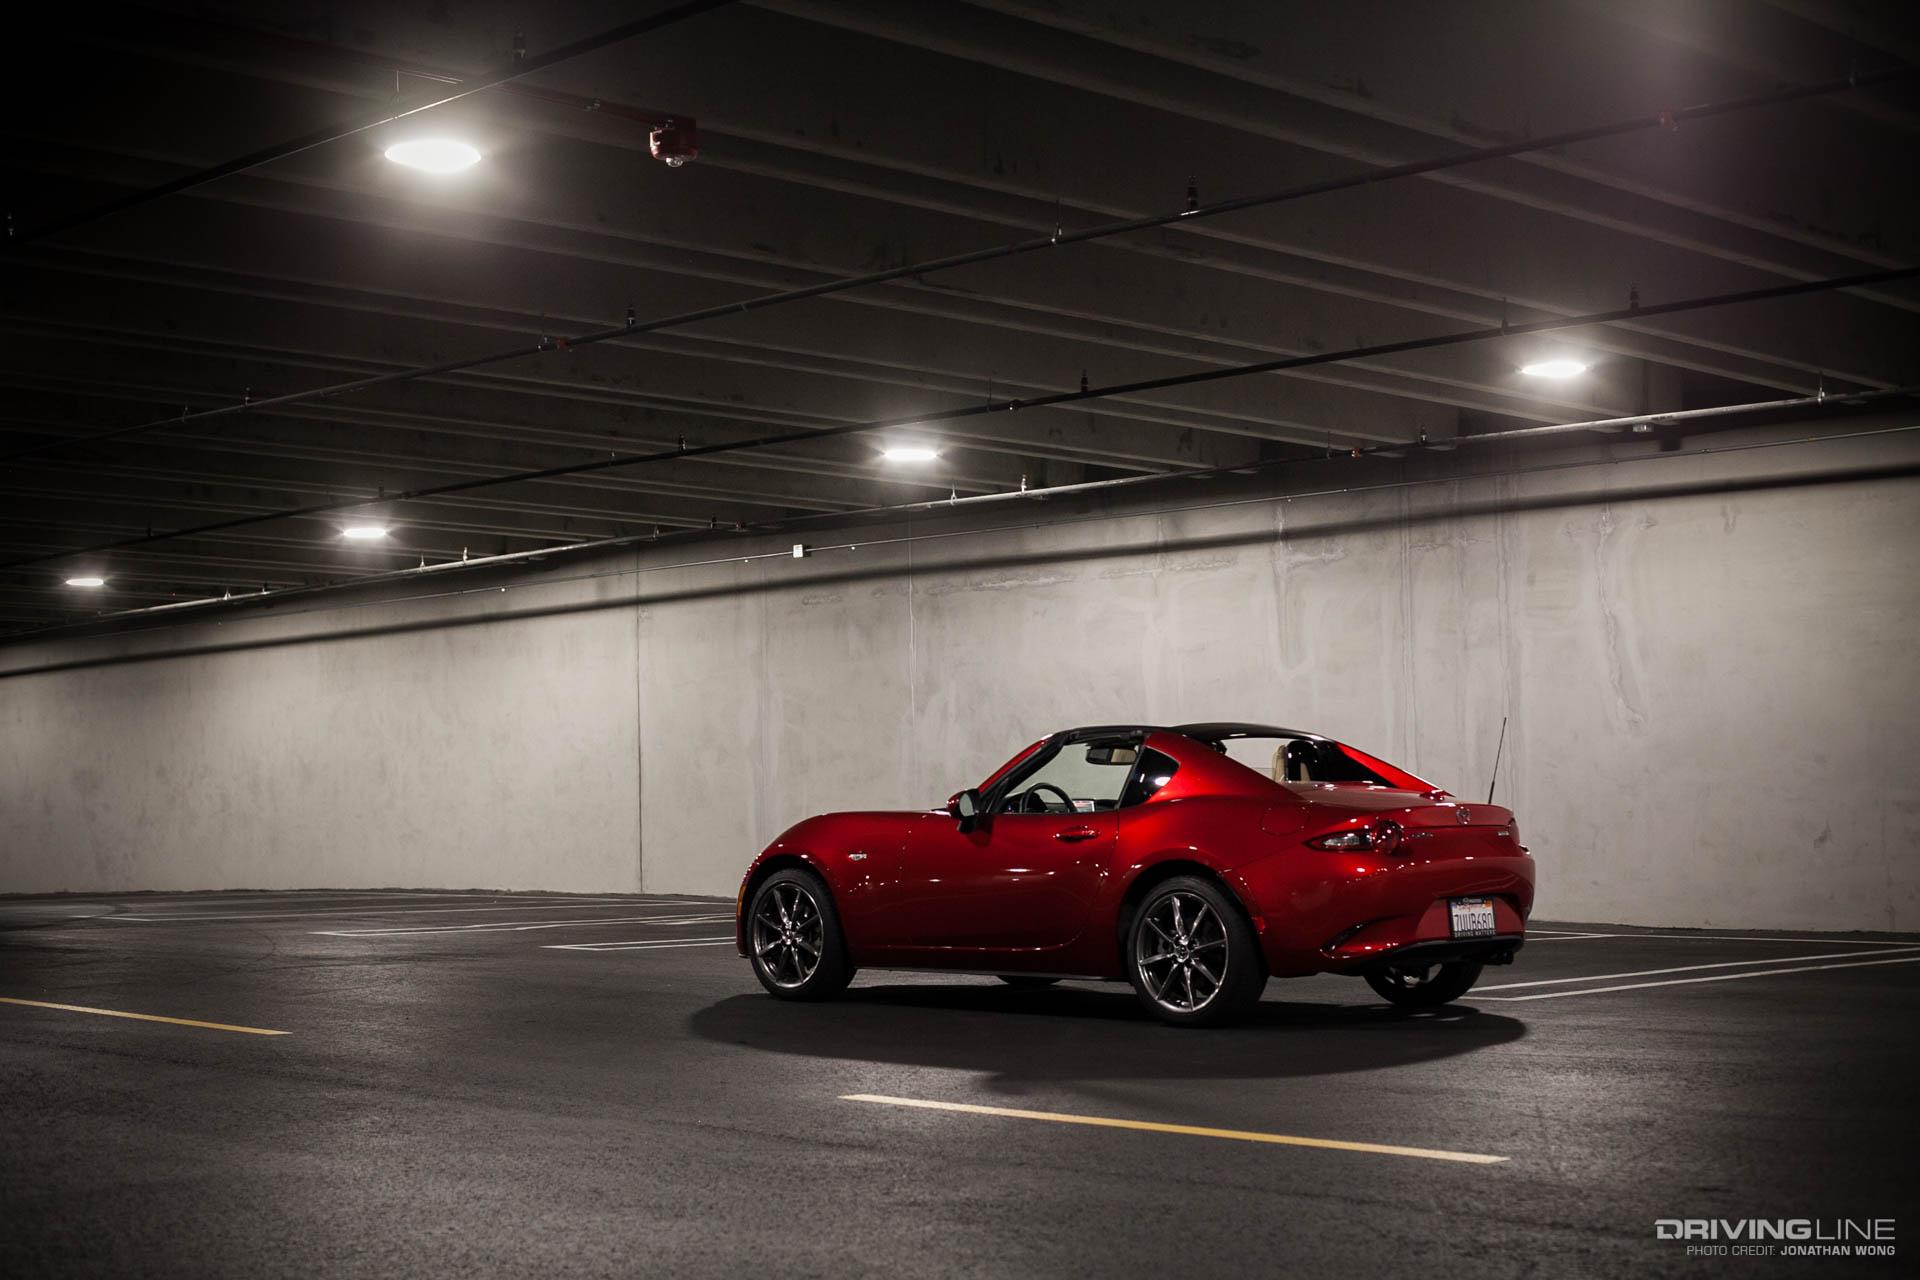 Driven 2017 Mazda Mx 5 Rf Grand Touring Drivingline